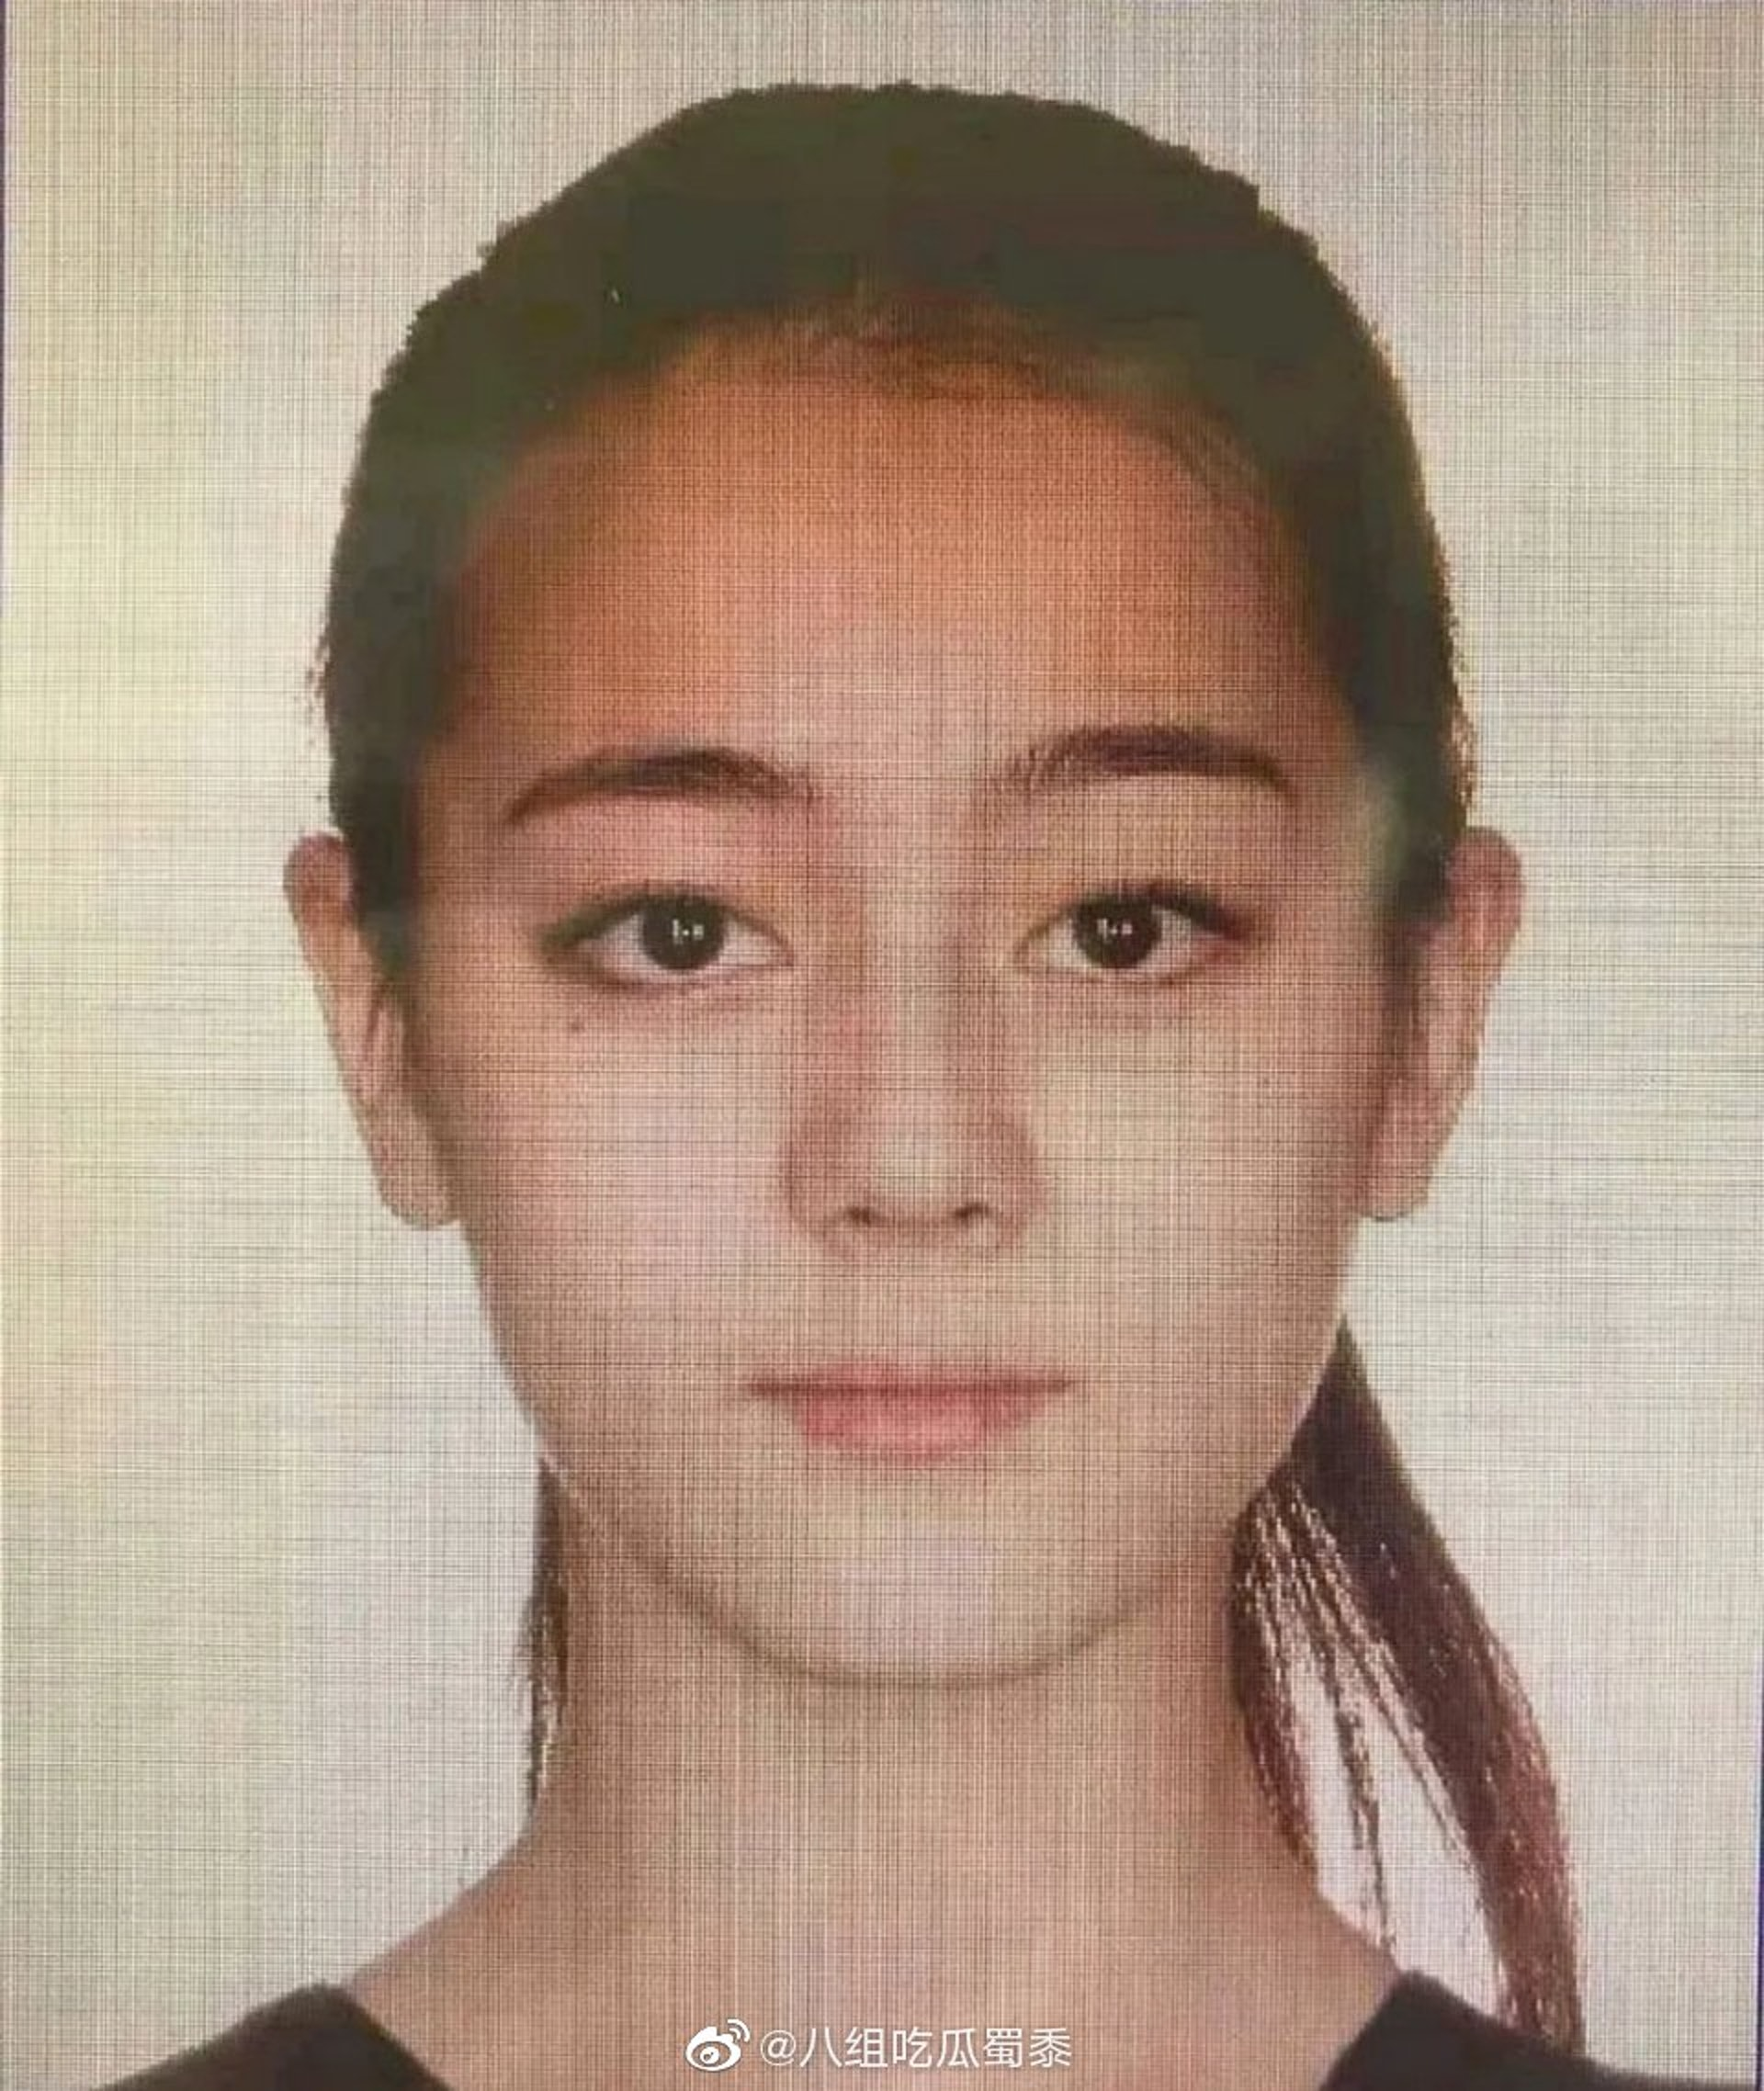 網上流傳一張迪麗熱巴的證件相,相中的她模樣非常青澀。(八組吃瓜蜀黍微博圖片)